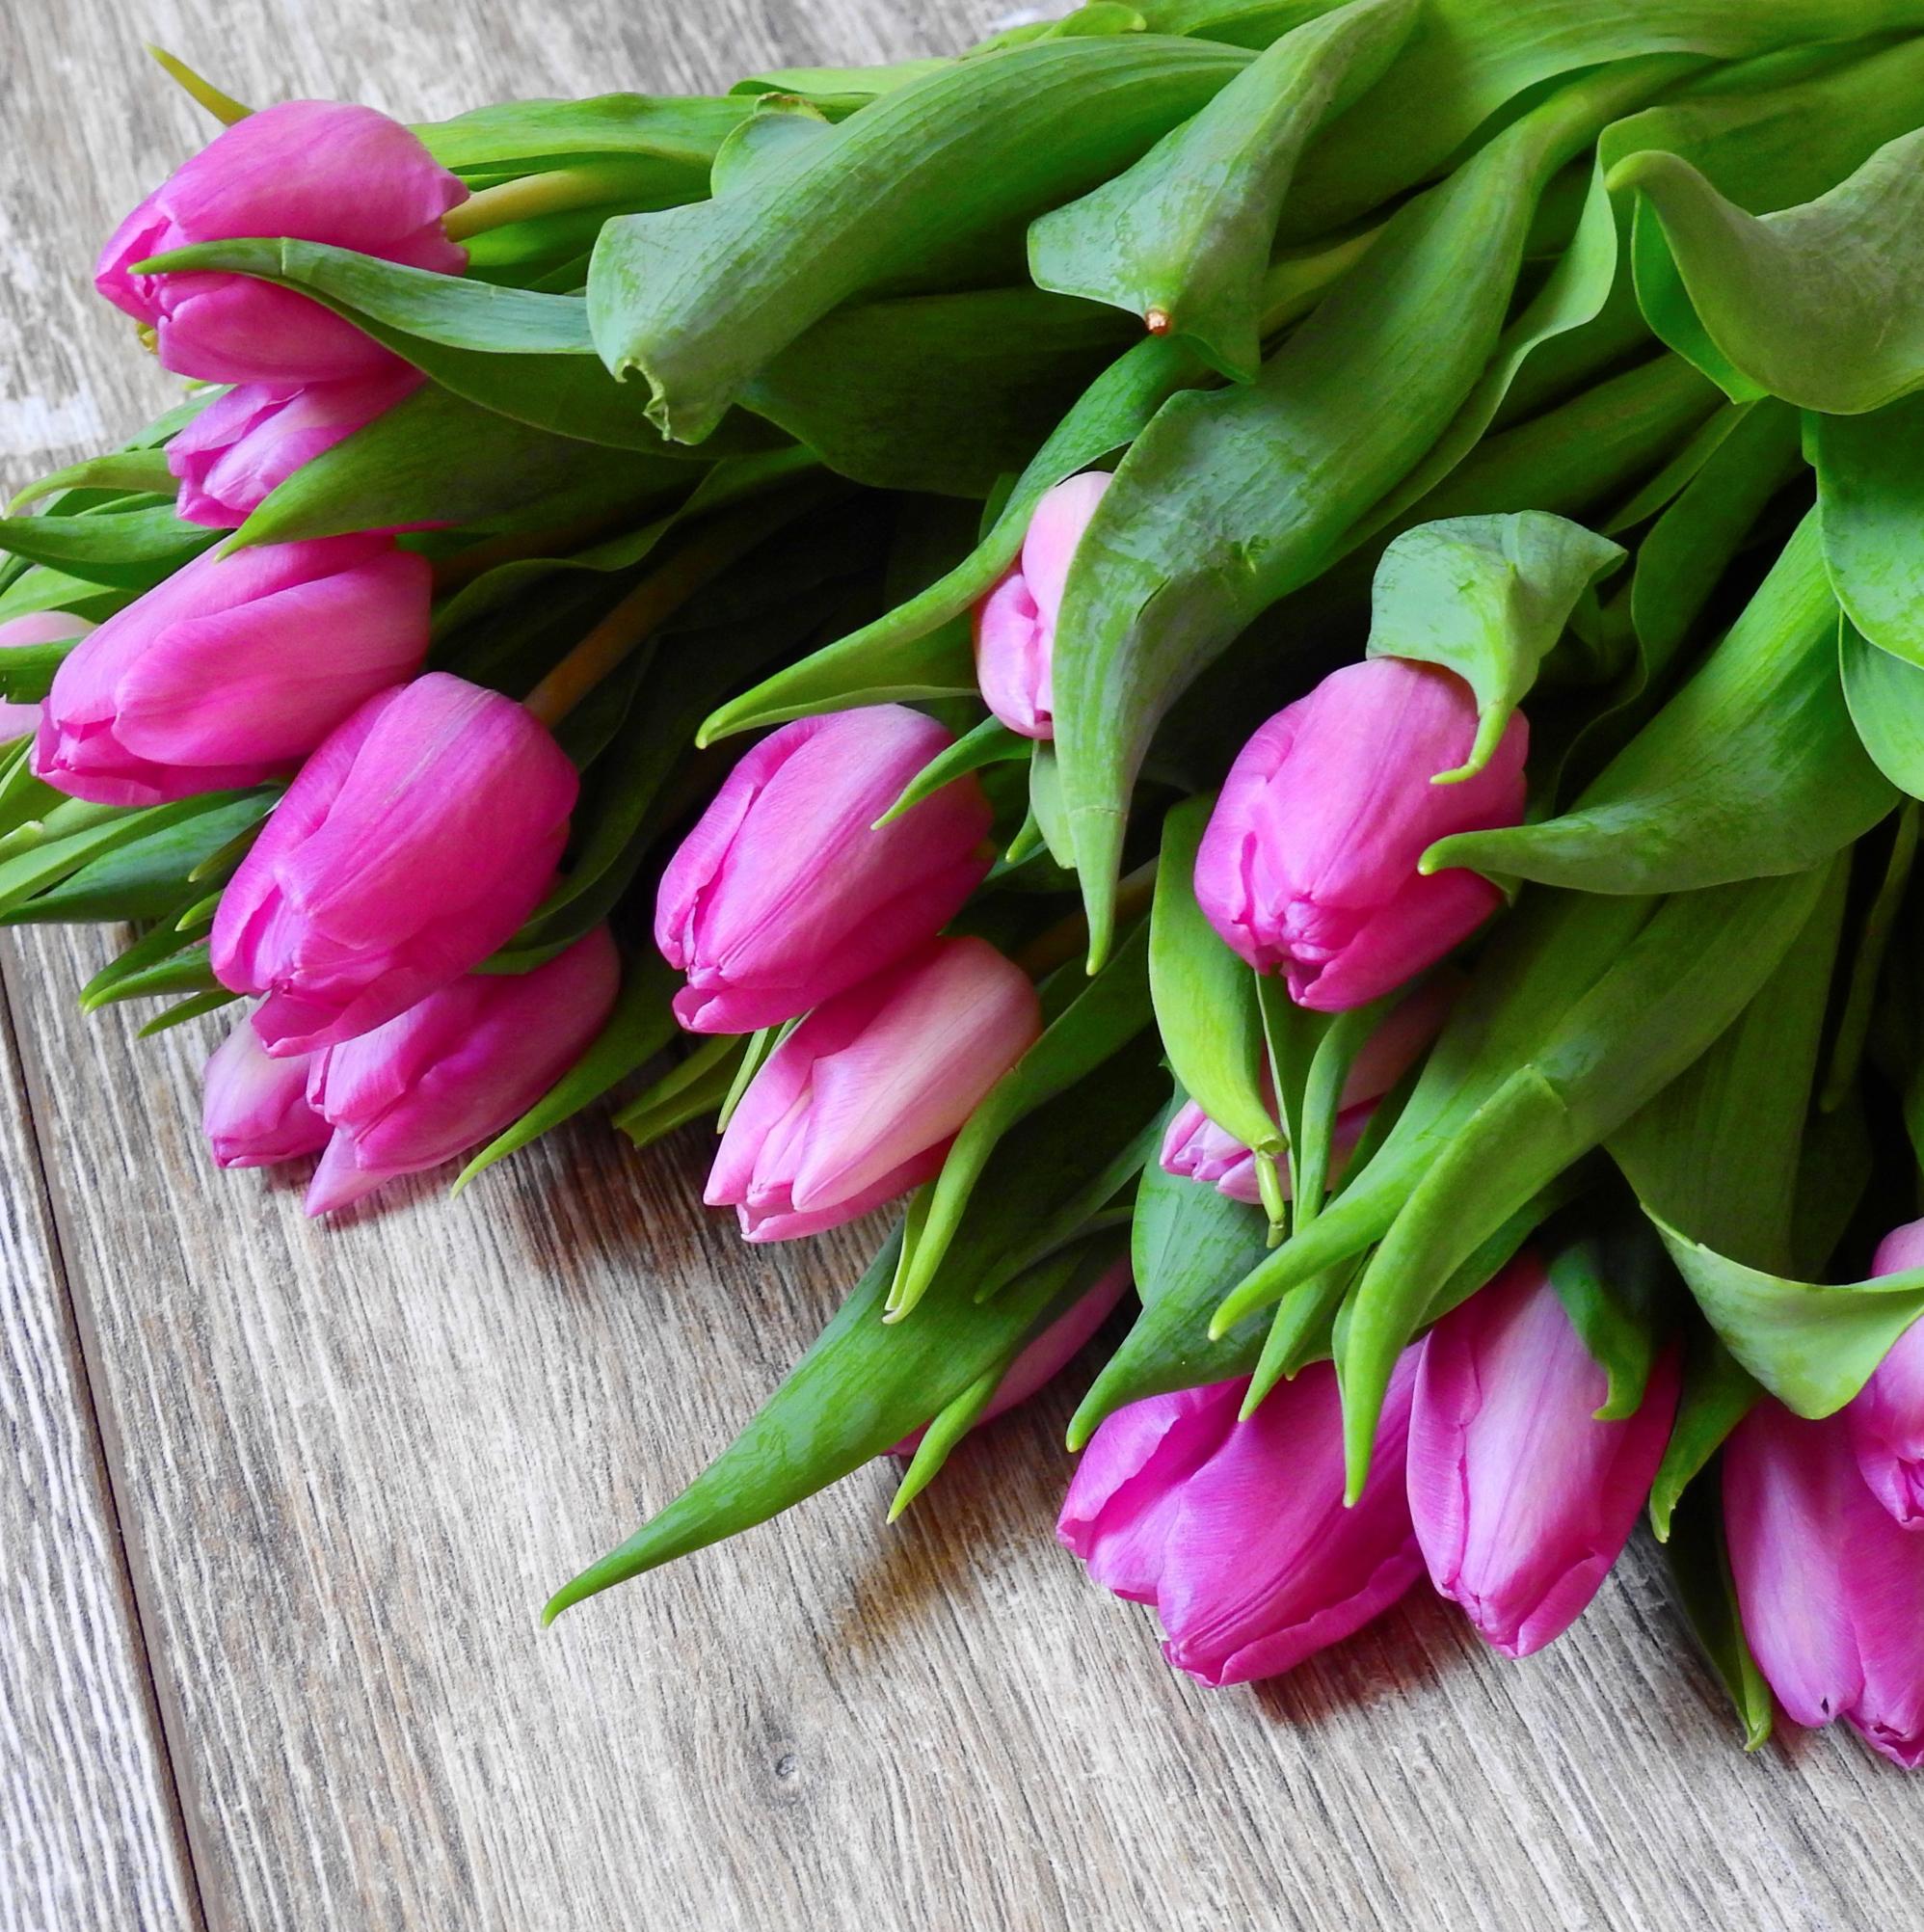 tulip-photo-91